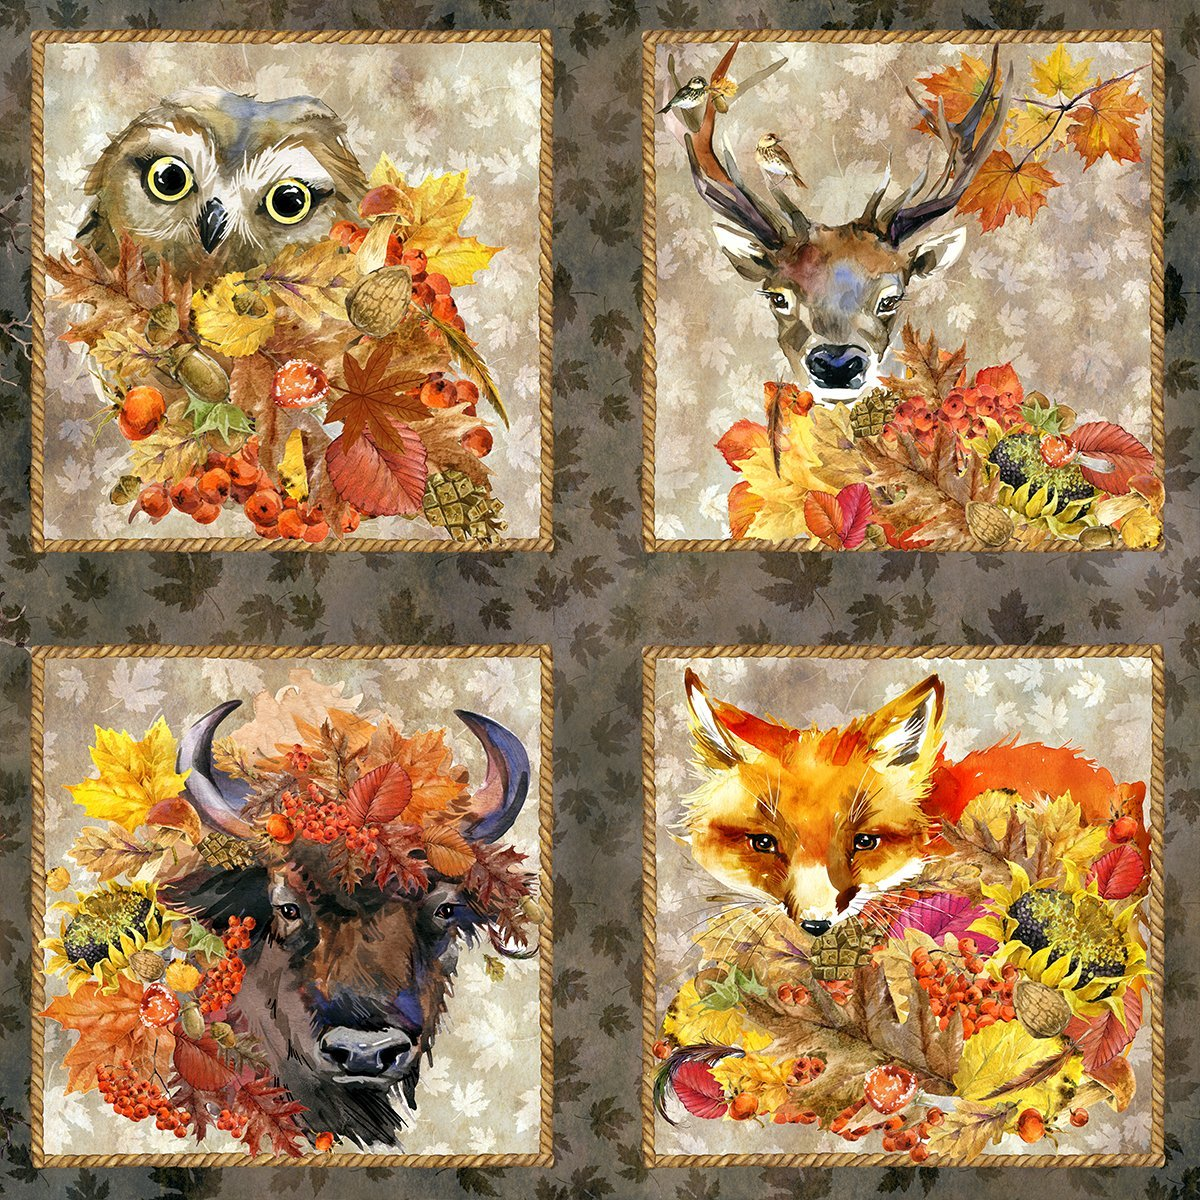 Our Autumn Friends - Panel Harvest